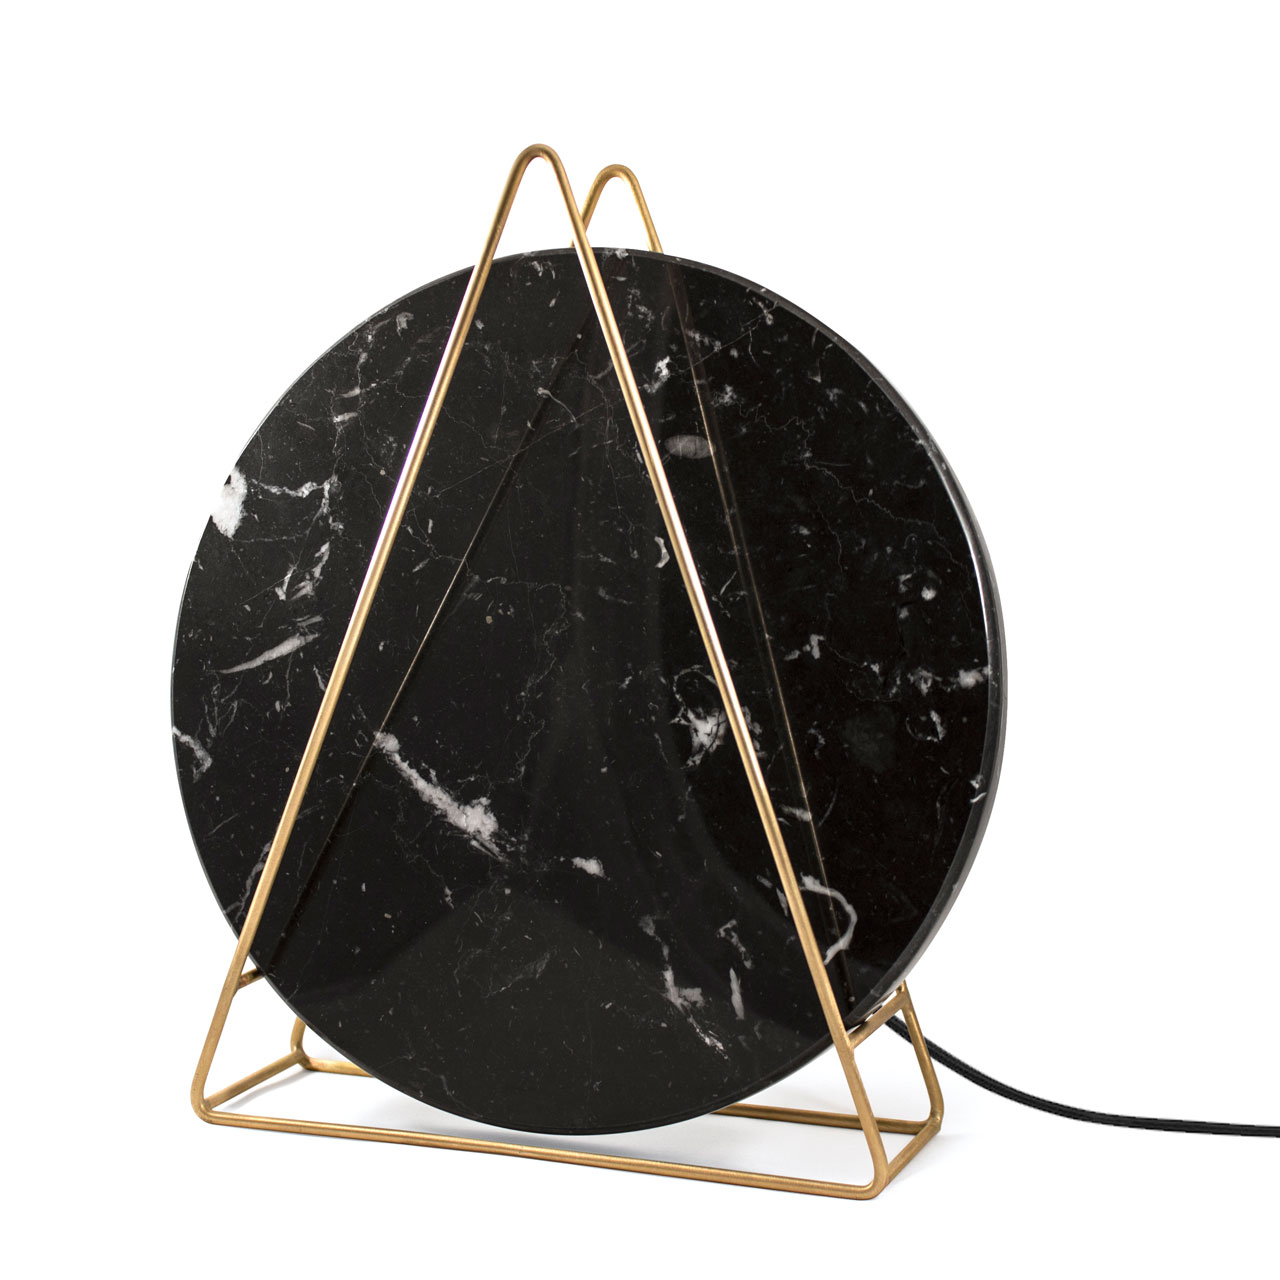 NOVECENTO / MARBLE LAMP byDavide Giulio Aquini.